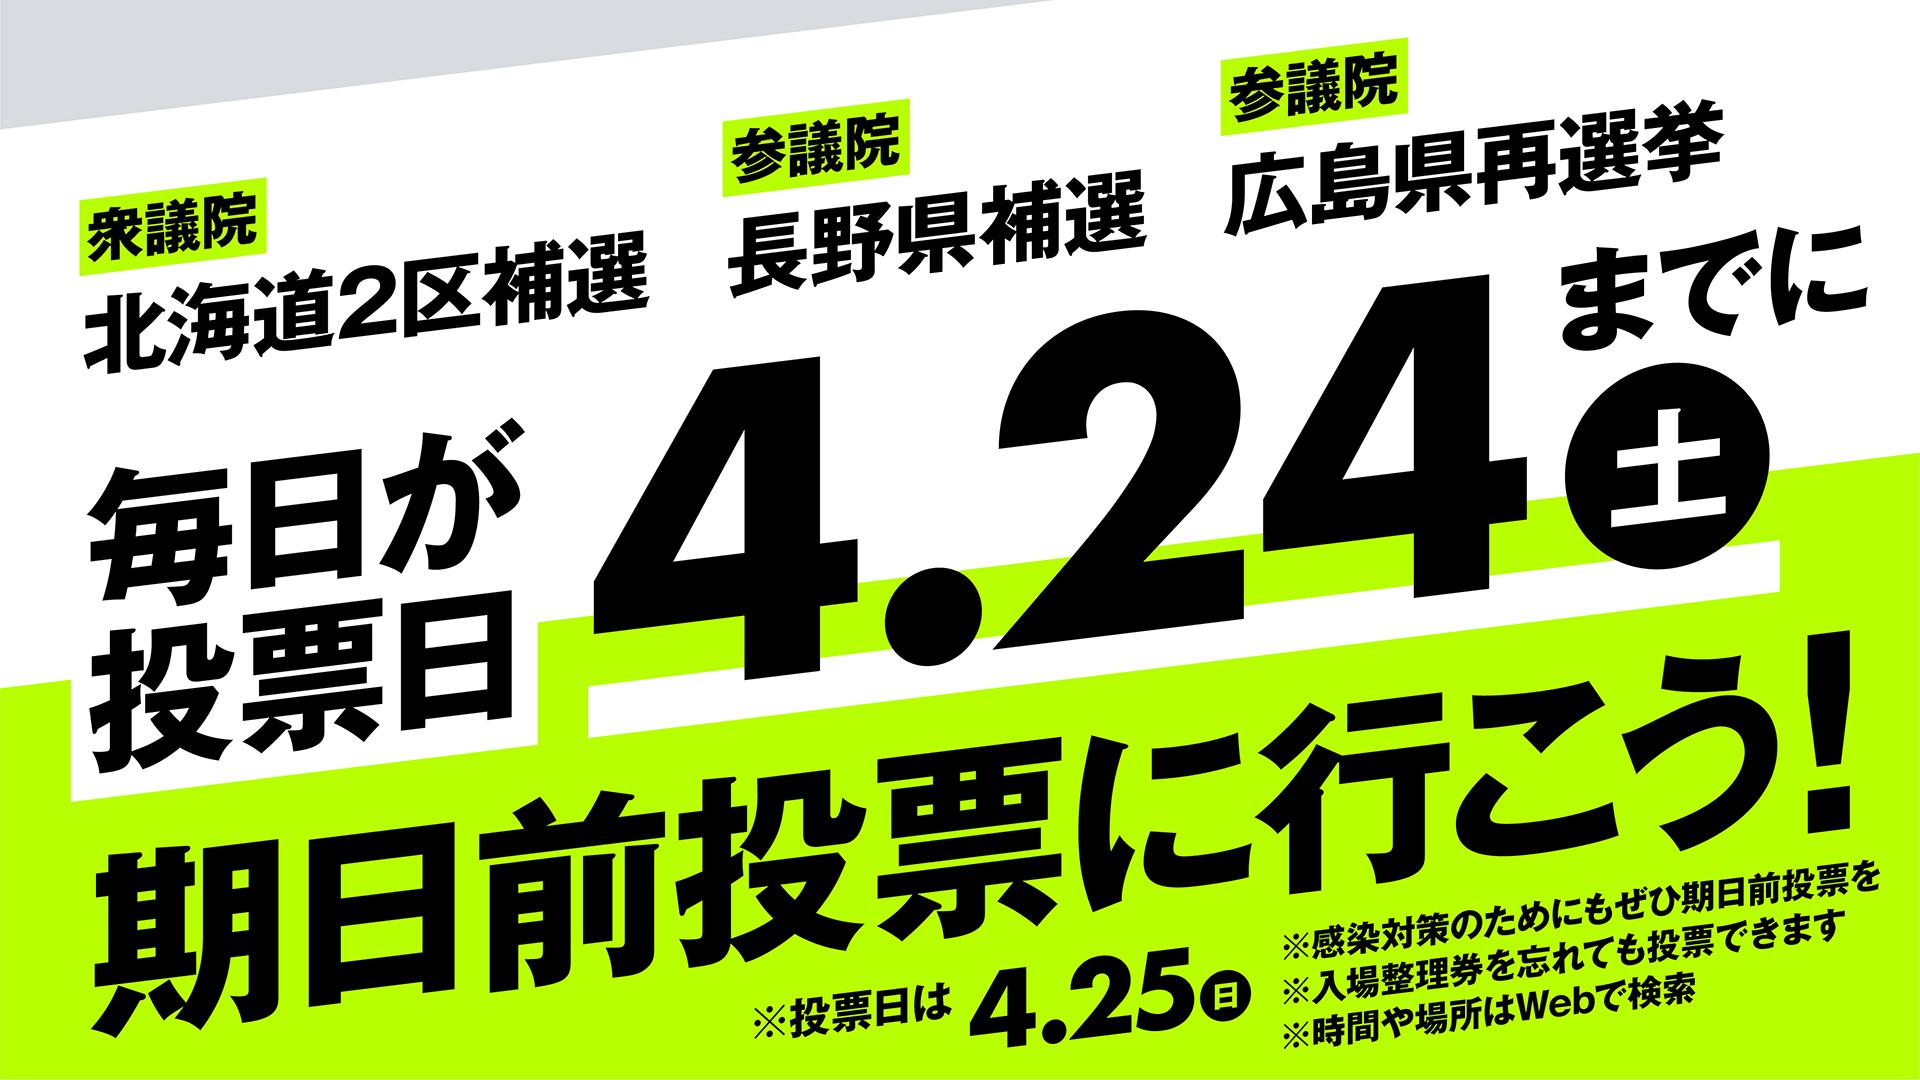 【2区補選】『松木けんこう』で政治のながれを変えよう!=政治のながれを変える決戦の日まであと3日